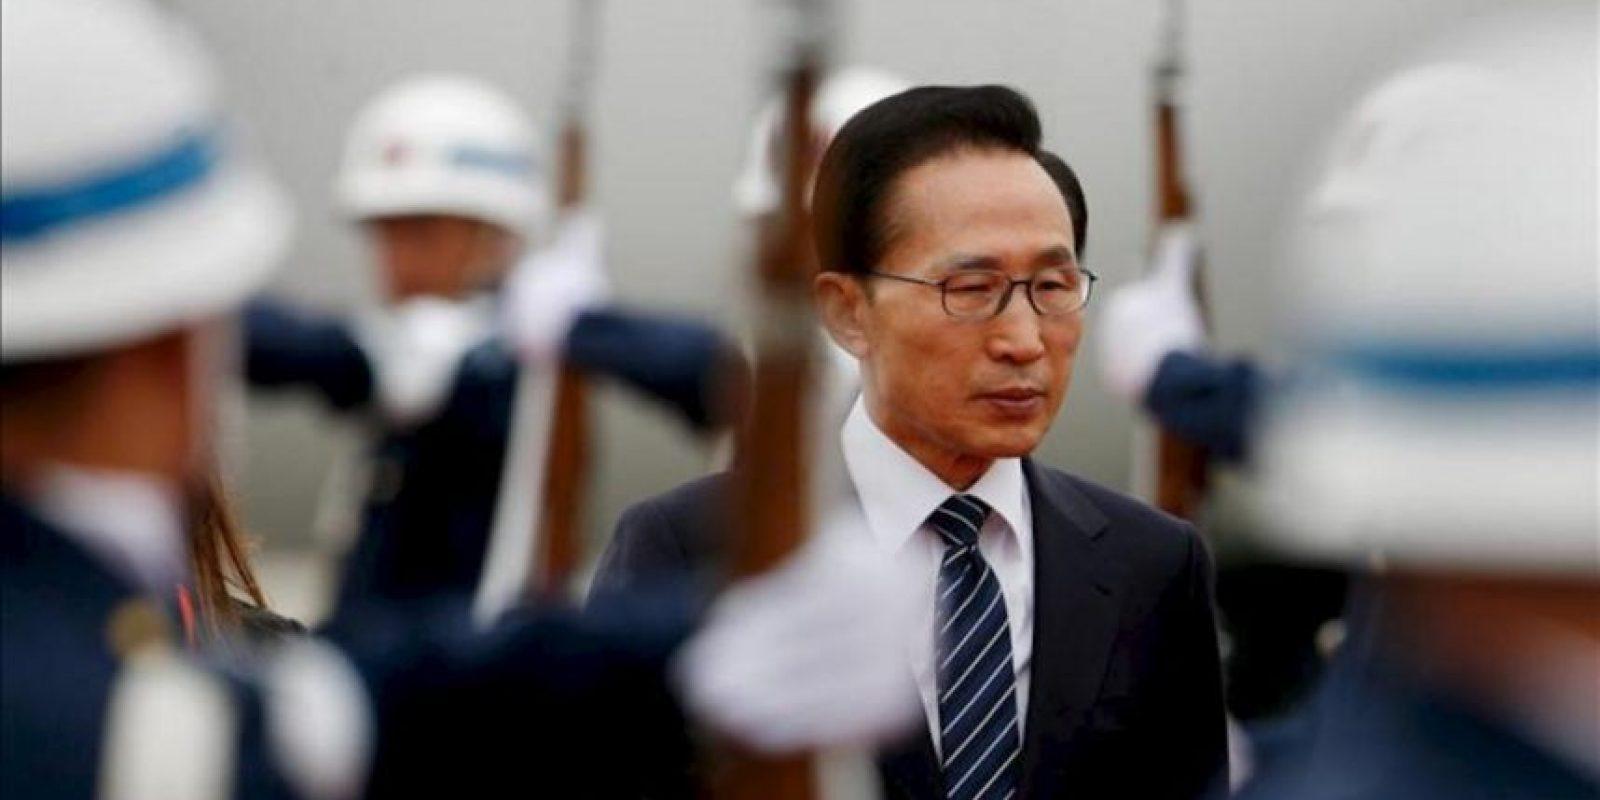 El presidente de Corea del Sur, Lee Myung-bak, llega a Bogotá (Colombia) dentro de una isita de Estado de tres días que tiene como principal objetivo la firma del final de las negociaciones del tratado de libre comercio (TLC) con Colombia. EFE